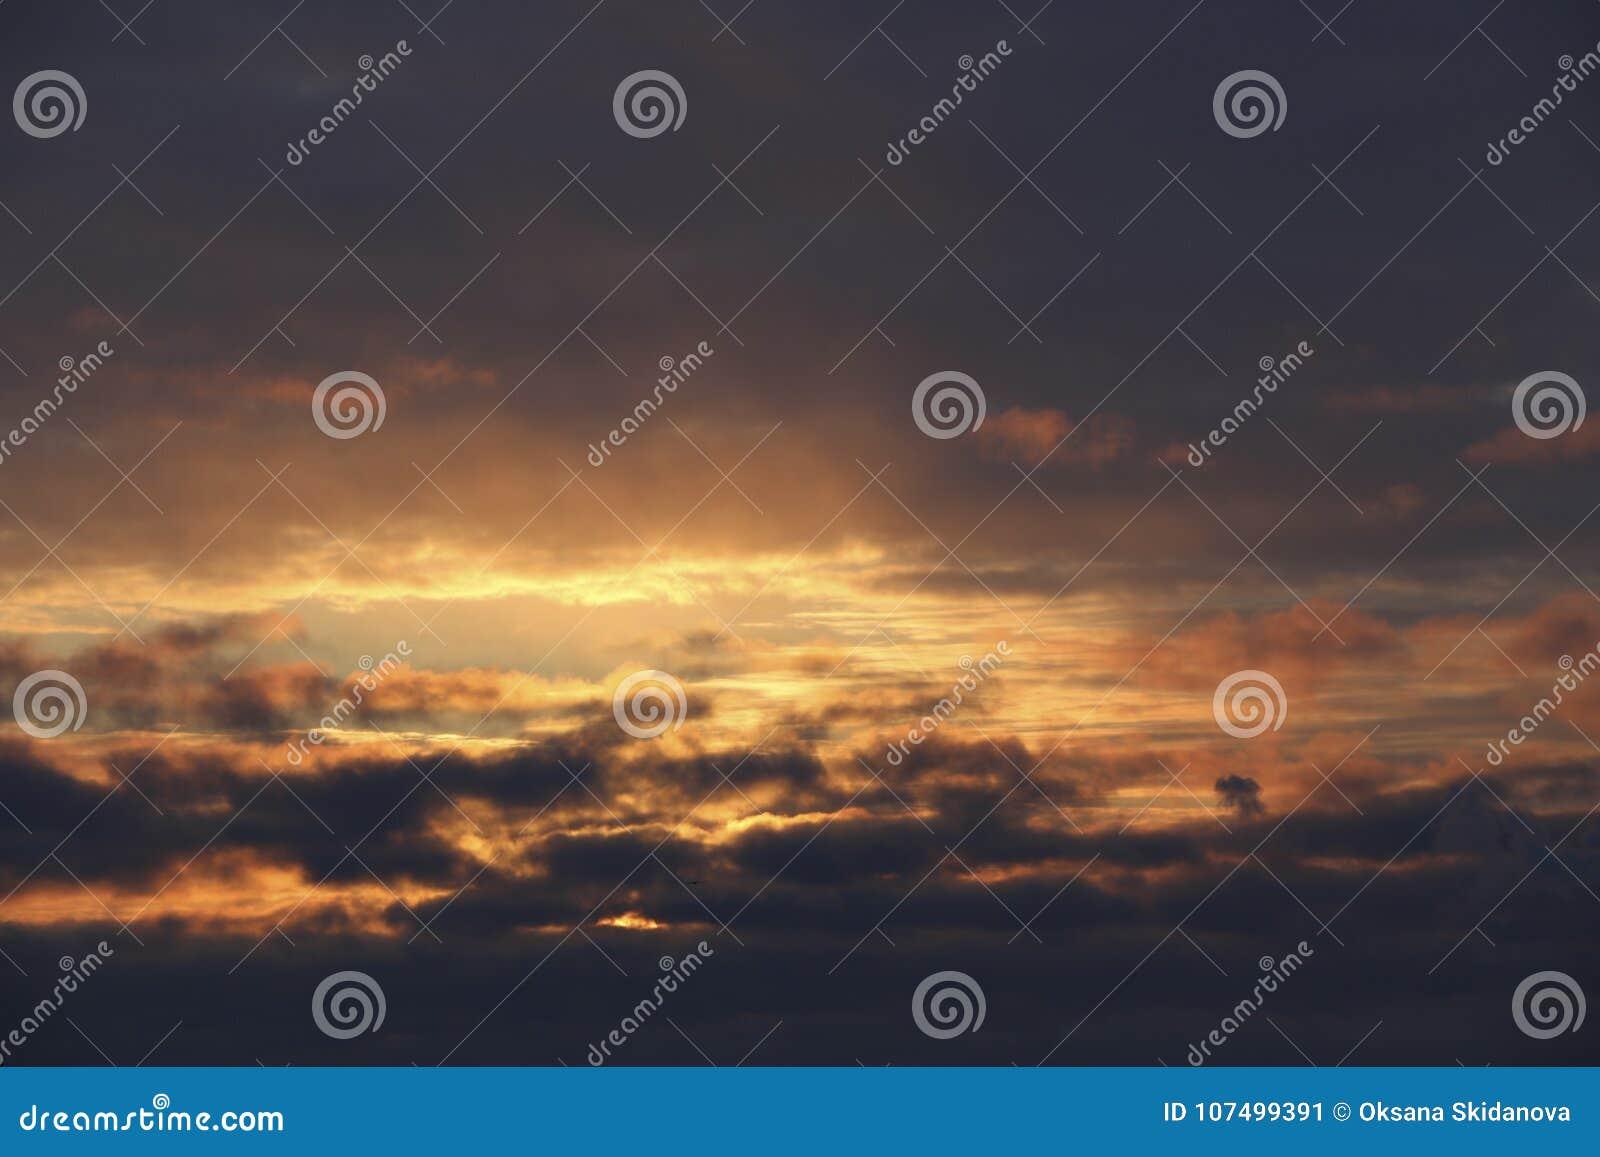 Puesta del sol el cielo del invierno de la tarde en nubes oscuras densas el sol brilla la luz caliente amarilla brillante a travé